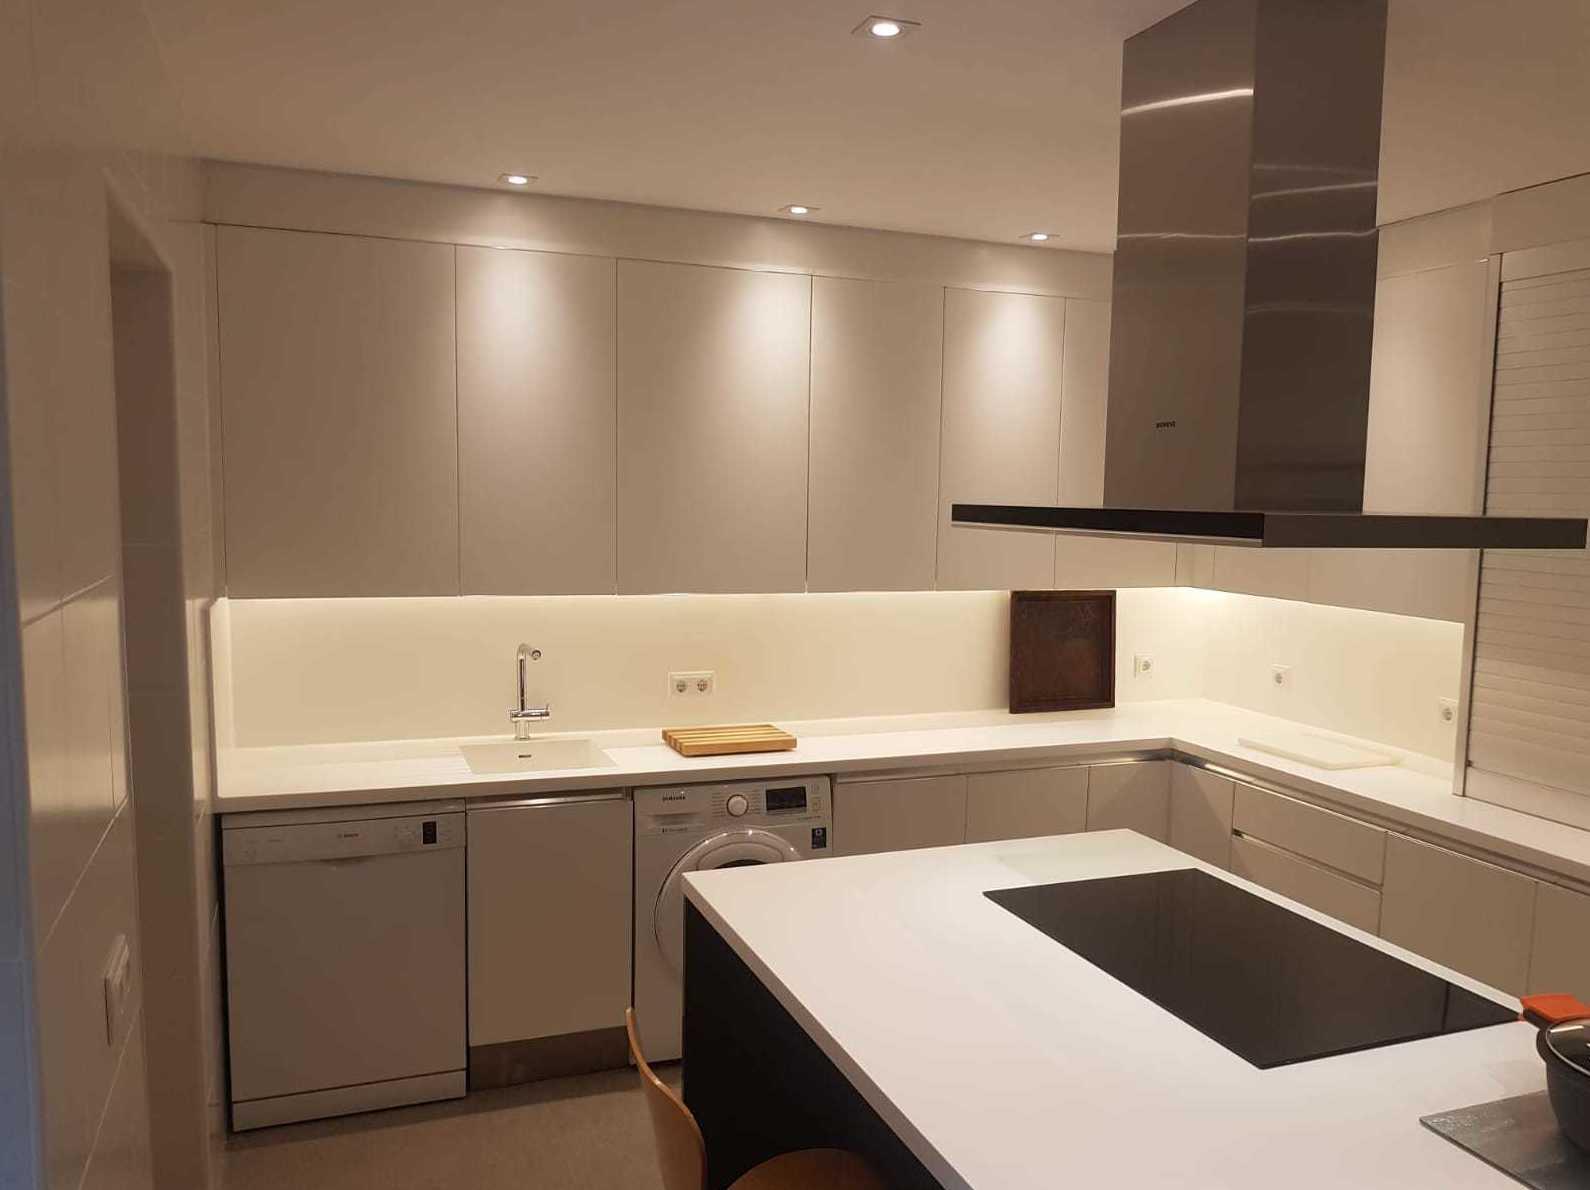 cocinas de diseño limpio y espacioso